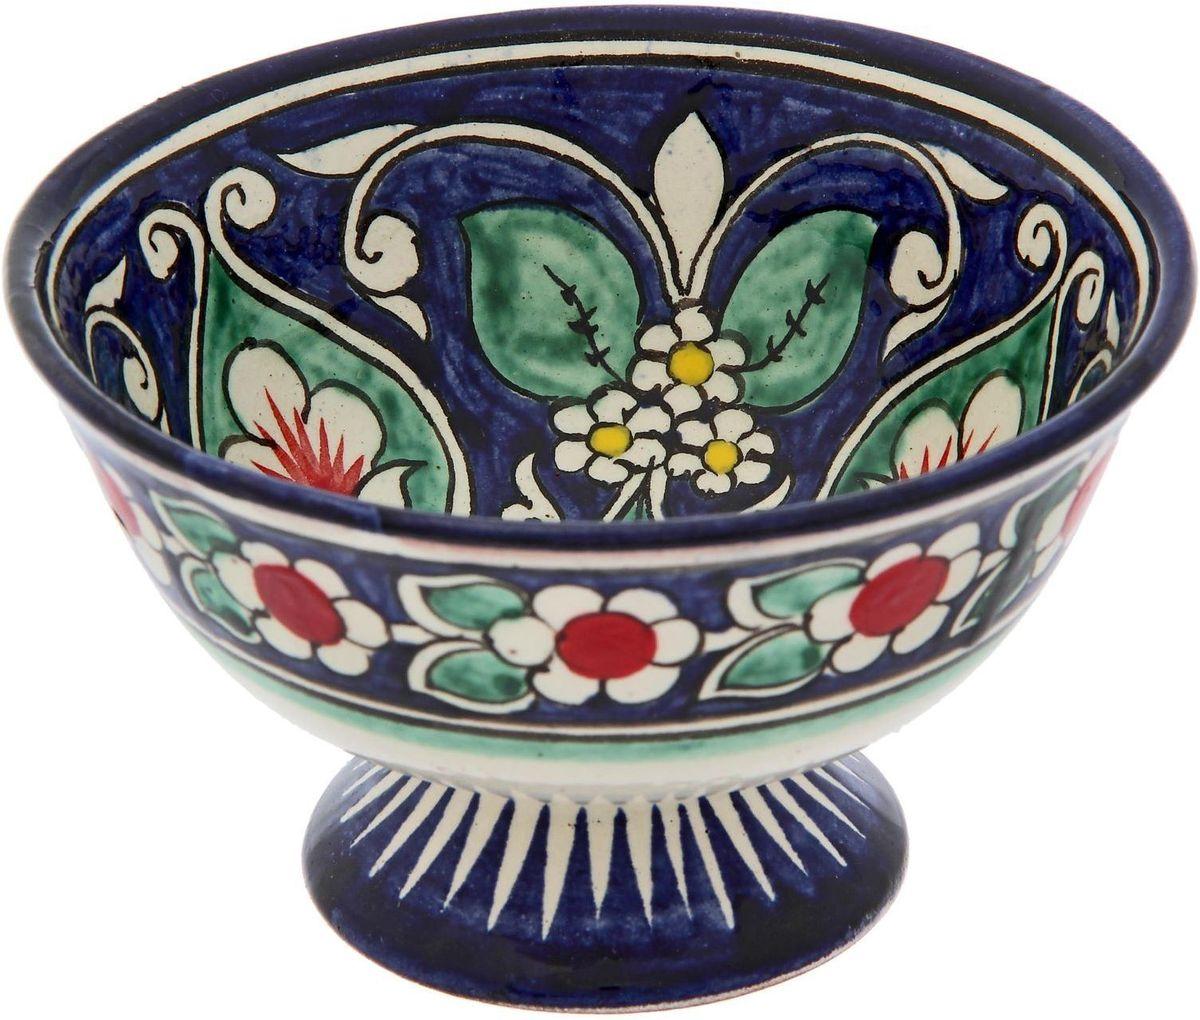 Конфетница Риштанская керамика, диаметр 12 см2245464Конфетница — это не просто обеденный атрибут, это украшение стола. Посуда с национальной росписью станет отменным подарком для ценителей высокородной посуды.Риштан — город на востоке Узбекистана, один из древнейших в Ферганской долине. С давних времён Риштан славится своим гончарным искусством изготовления цветной керамики. Красноватую глину для изделия добывают в самом городе. Мастера утверждают, что их глина настолько высокого качества, что даже не нуждается в предварительной обработке. Дополните коллекцию кухонных аксессуаров пряными восточными нотами.Объём конфетницы: 0,3 л. Размер (В х Ш): 6,5 х 11 см.